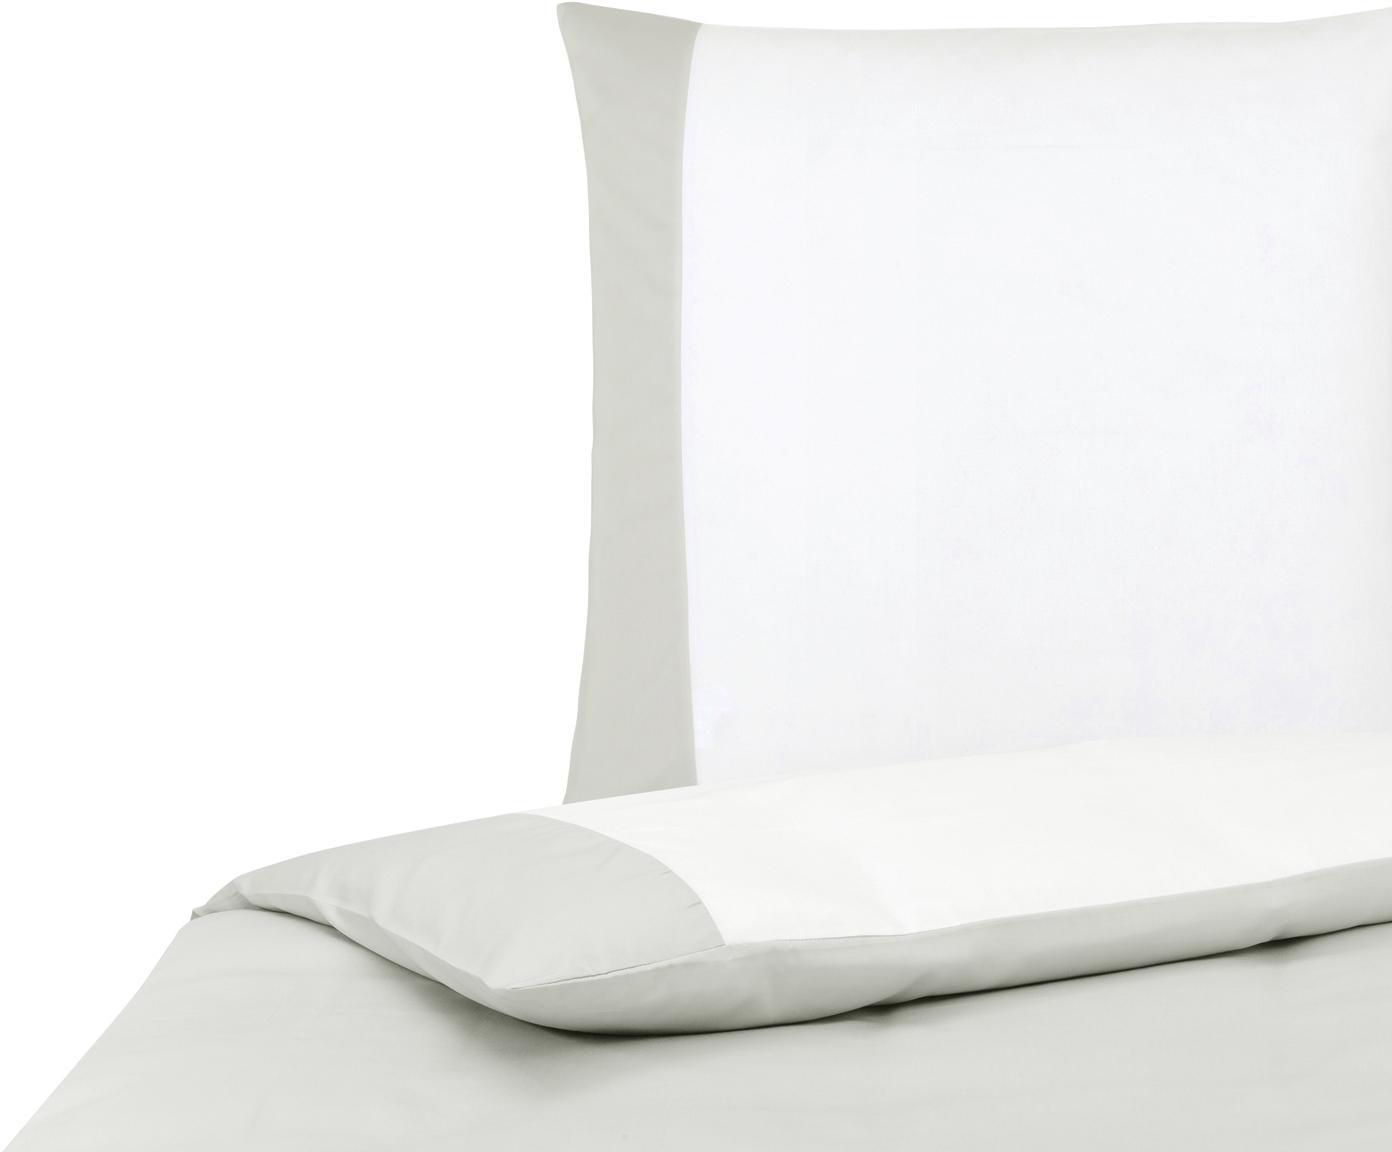 Dwustronna pościel satyny bawełnianej Amelia, Biały, jasny szary, 135 x 200 cm